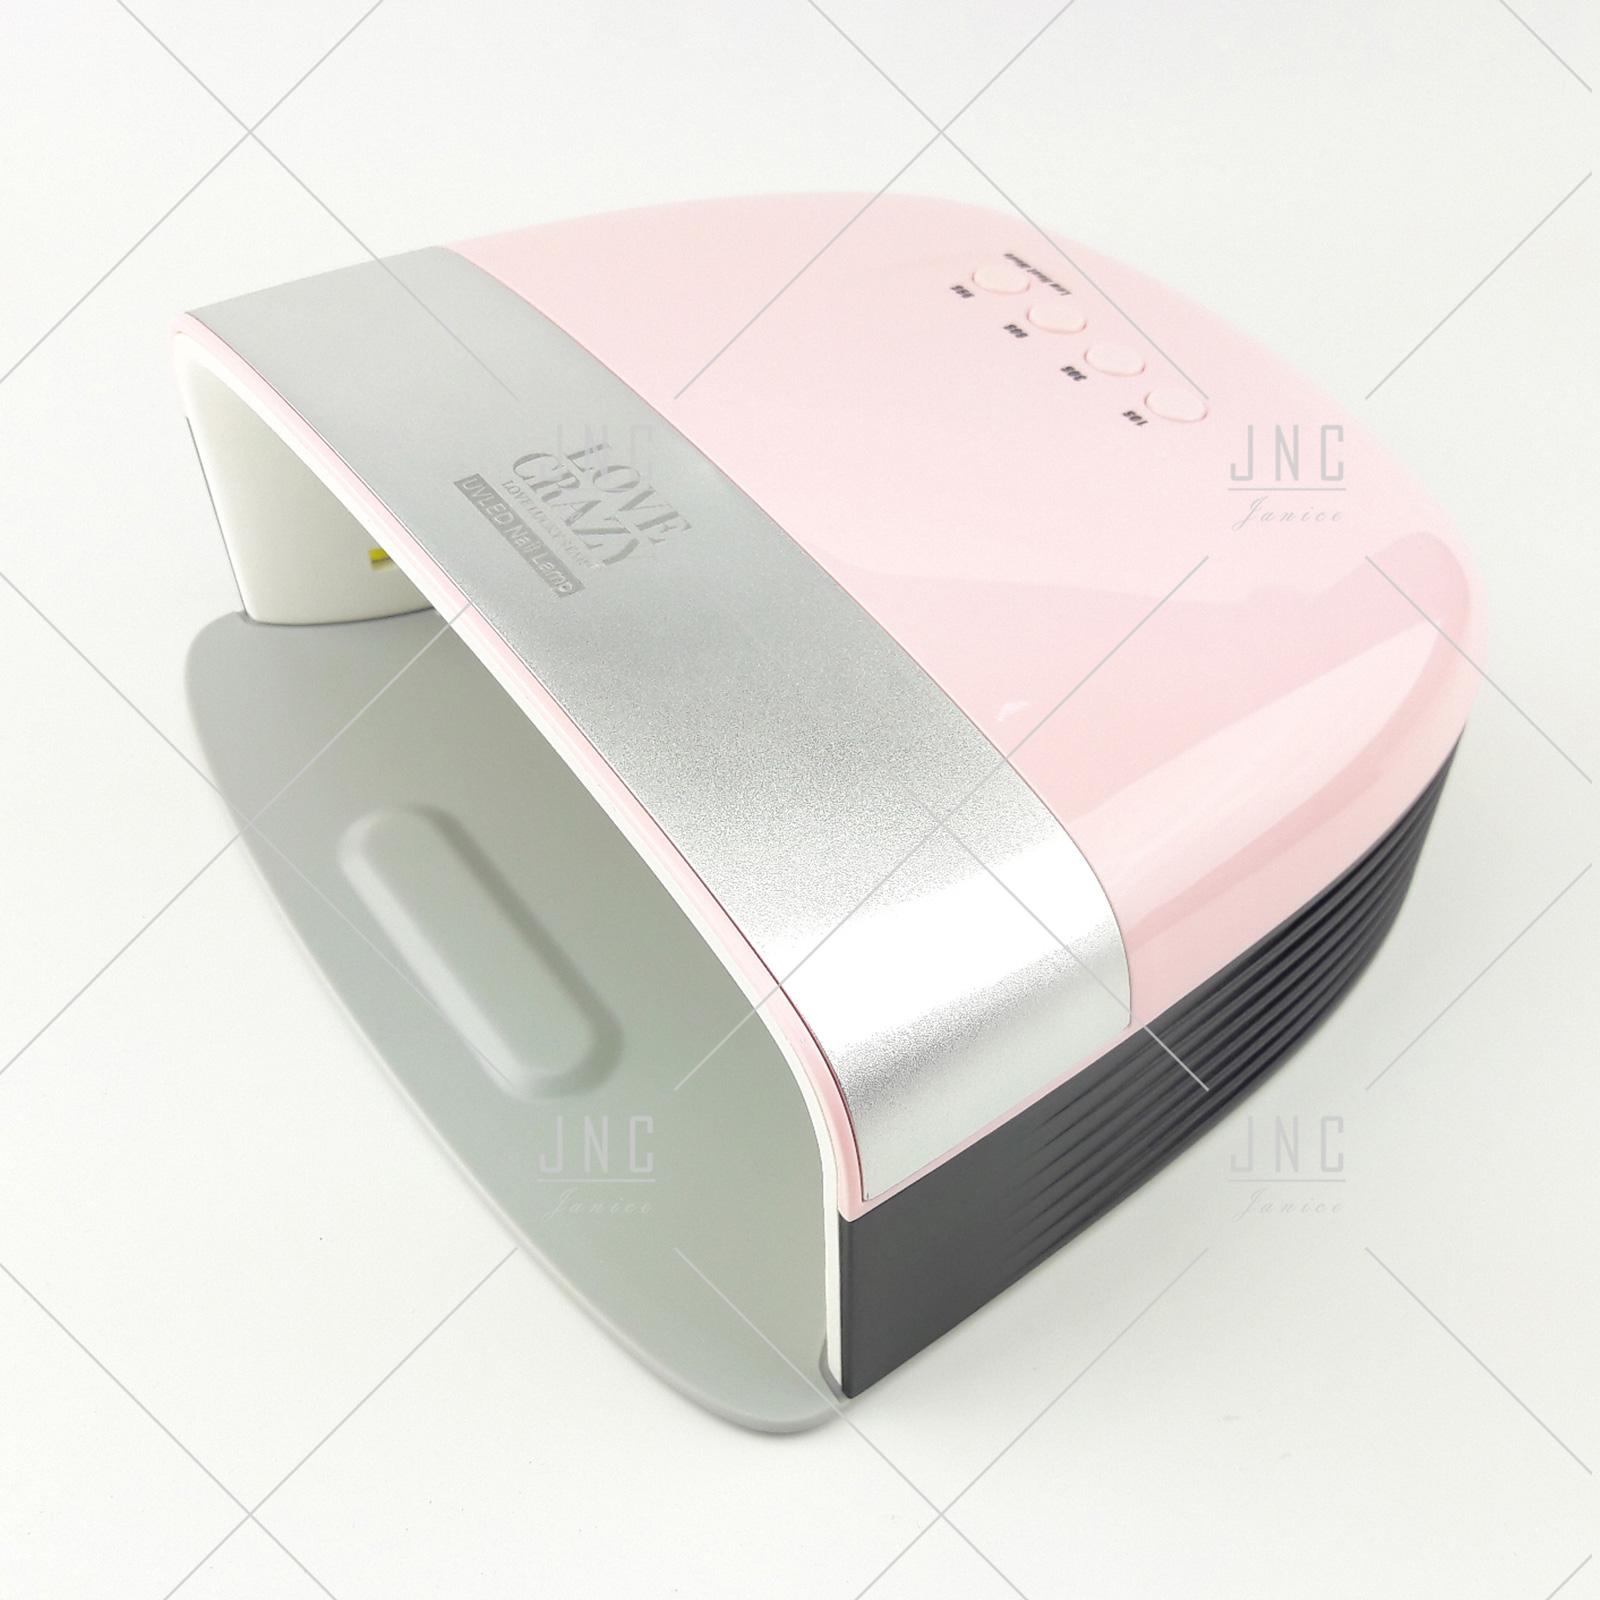 Catalisador LED UV 48W | LOVE CRAZY | N10